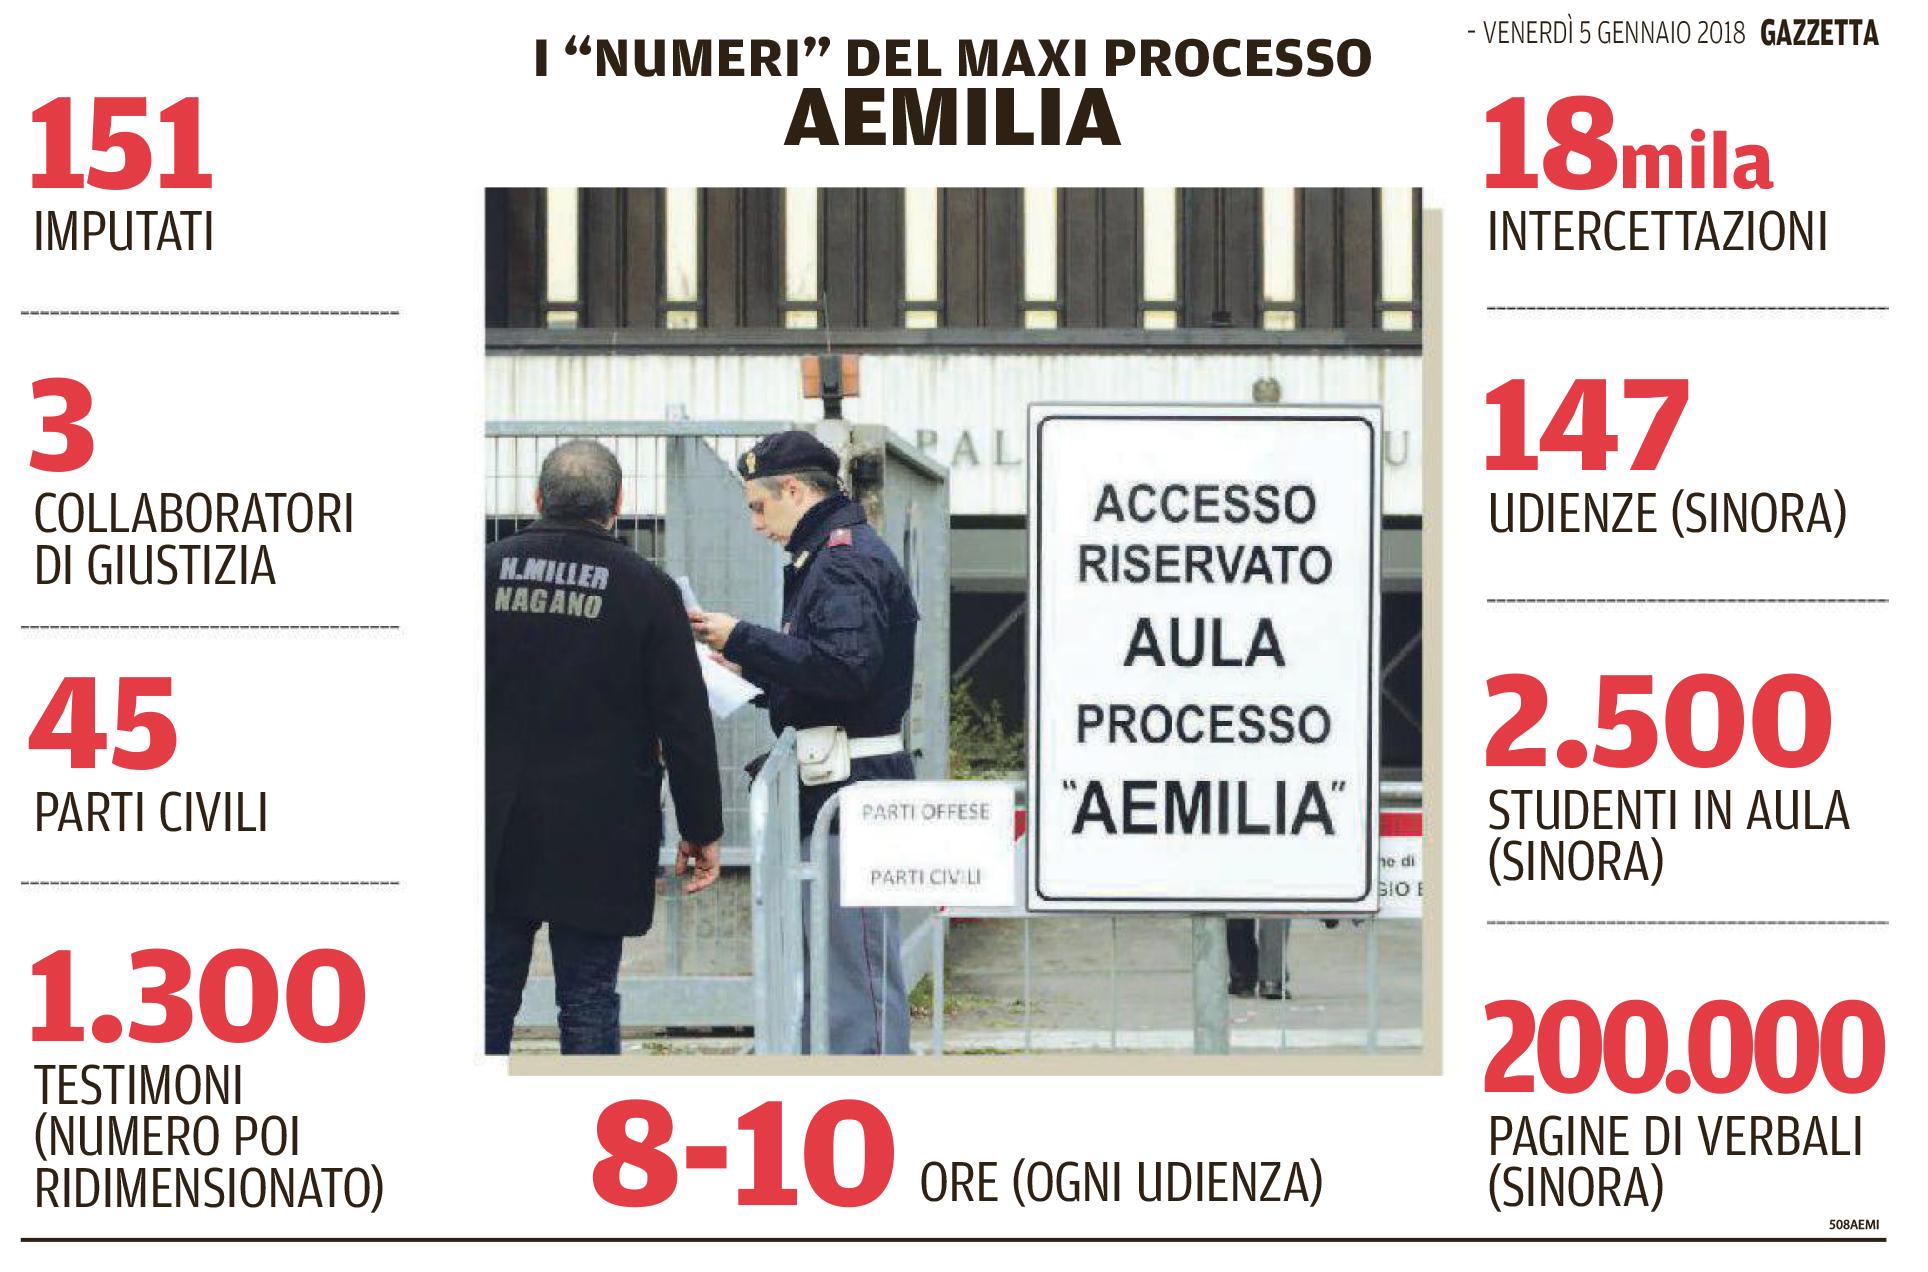 I numeri del maxi processo